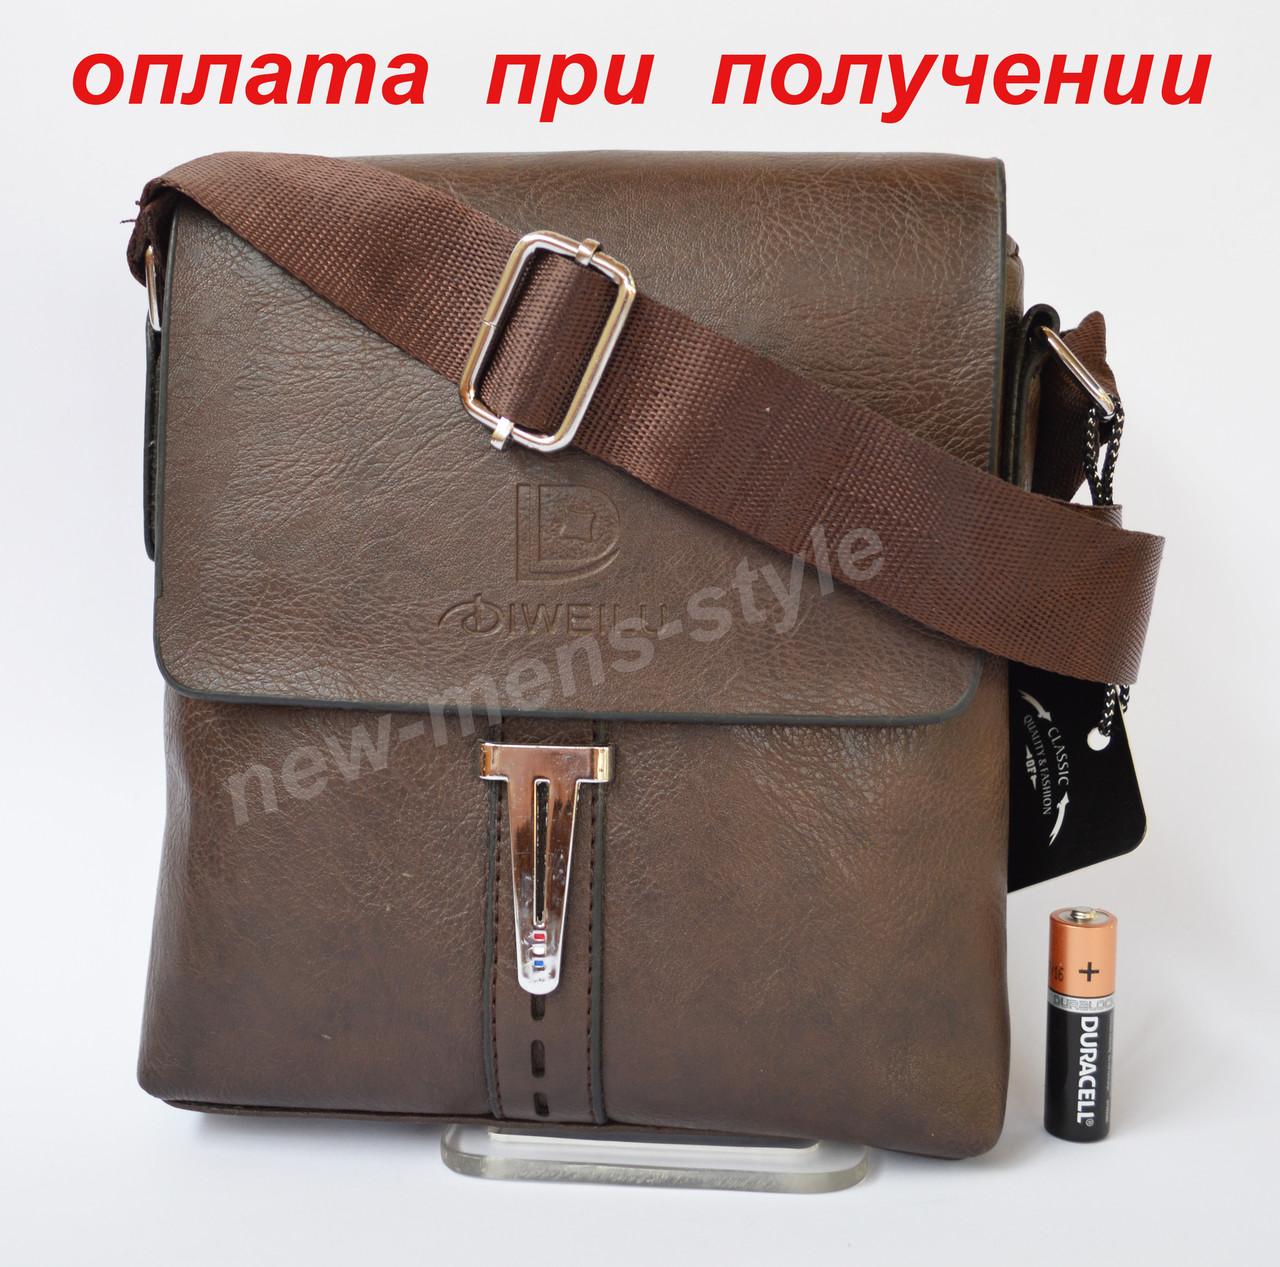 Чоловіча чоловіча шкіряна сумка барсетка через плече Diweilu Polo NEW